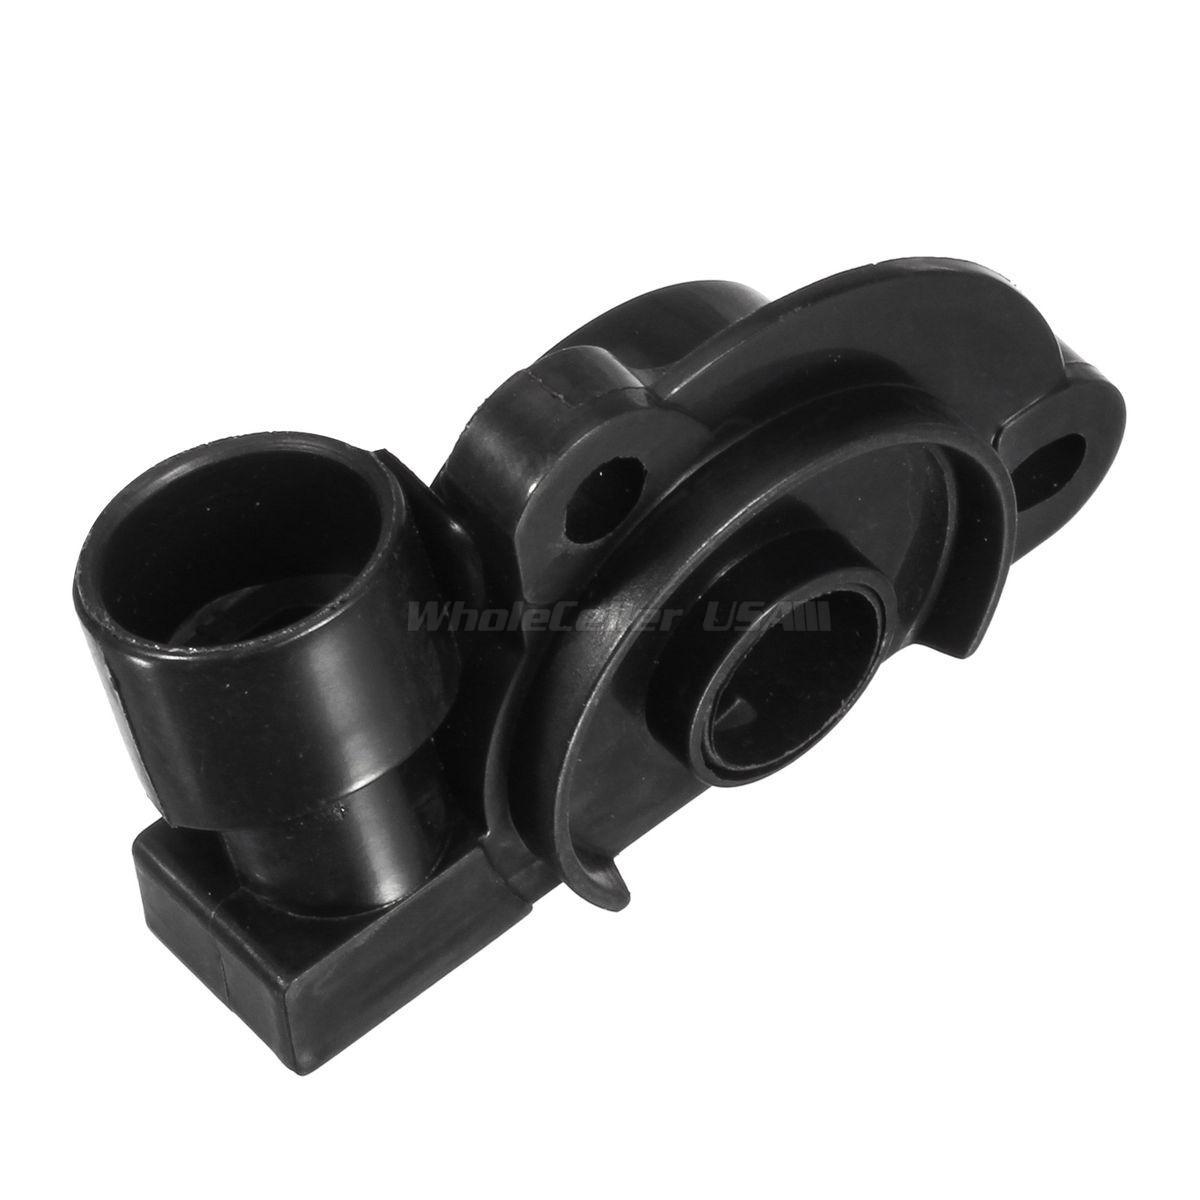 Tps Throttle Position Sensor 5s5036 For 1991 C